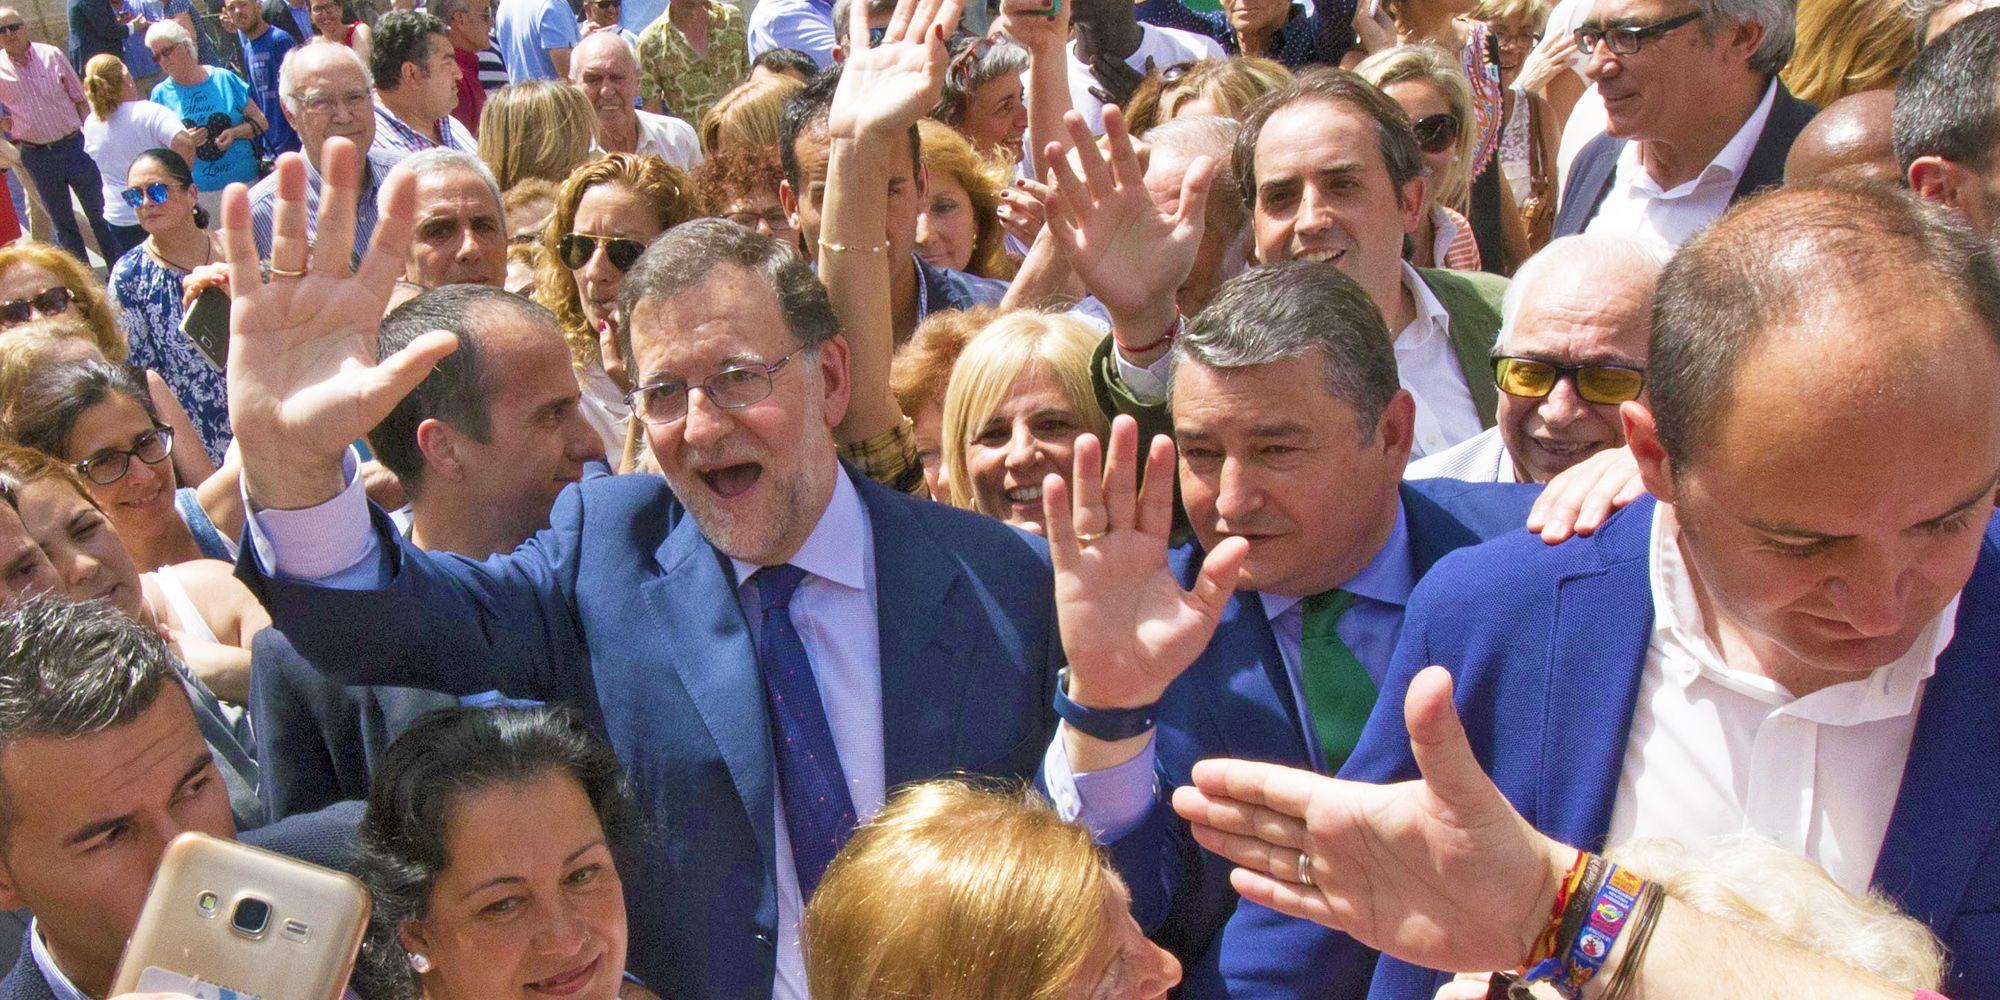 Mariano Rajoy saluda a los ciudadanos en una ciudad que se ha volcado con su visita | Juan Carlos Corchado para MIRA Jerez